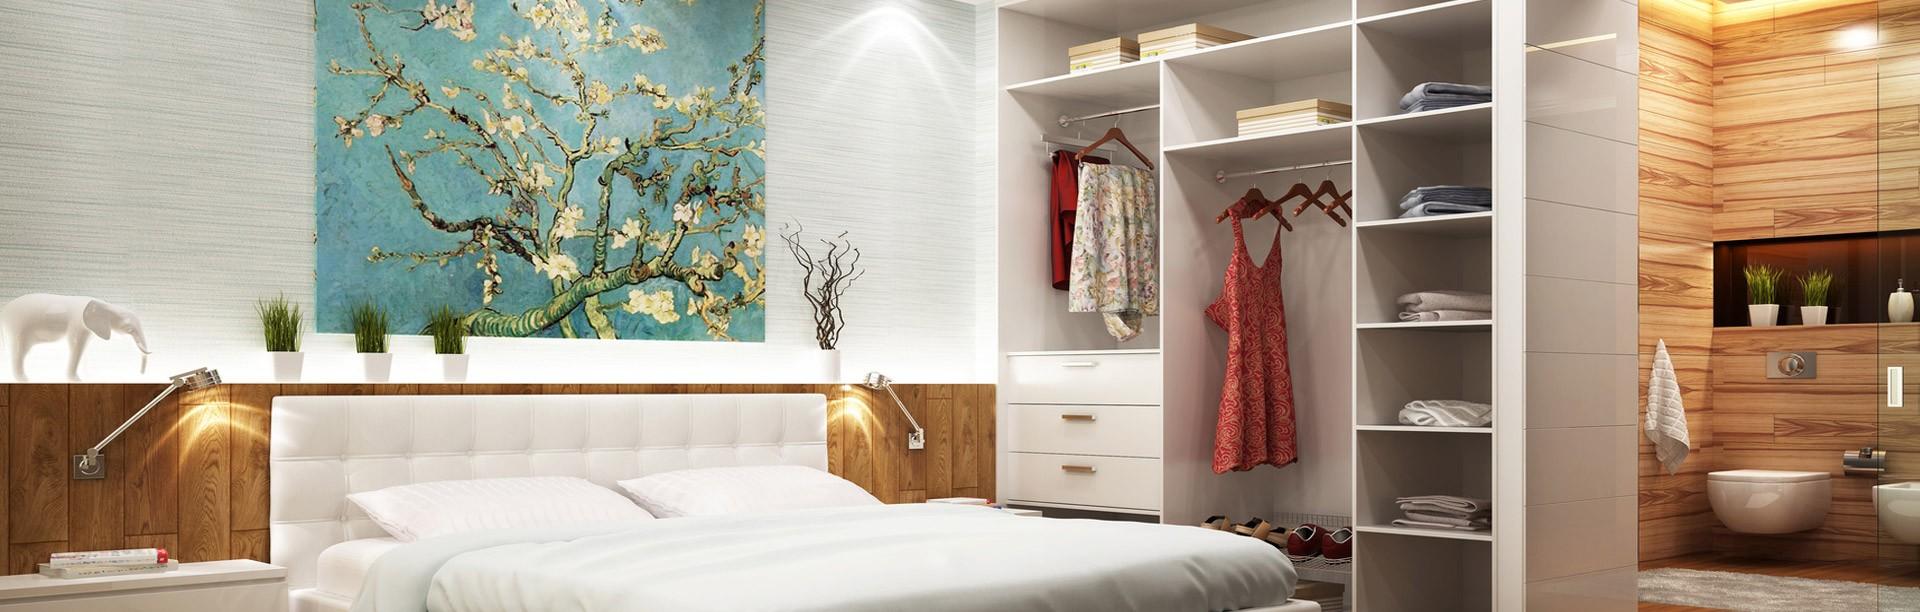 Elegant Regalsystem Von Schrankwerk Im Schlafzimmer